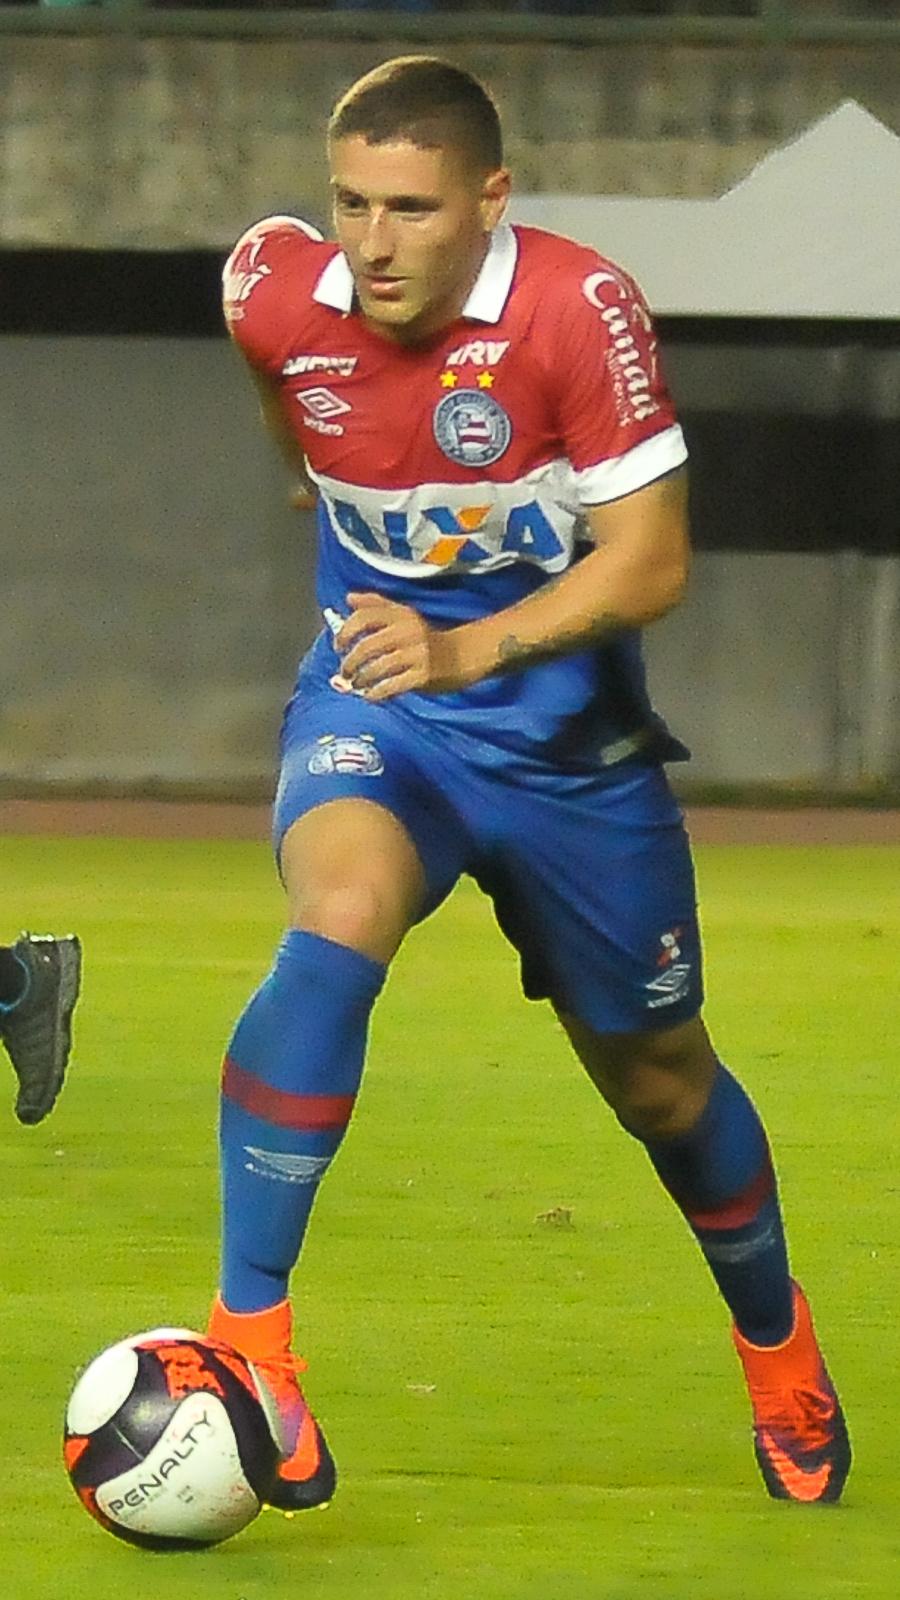 Ze Rafael Wikipedia